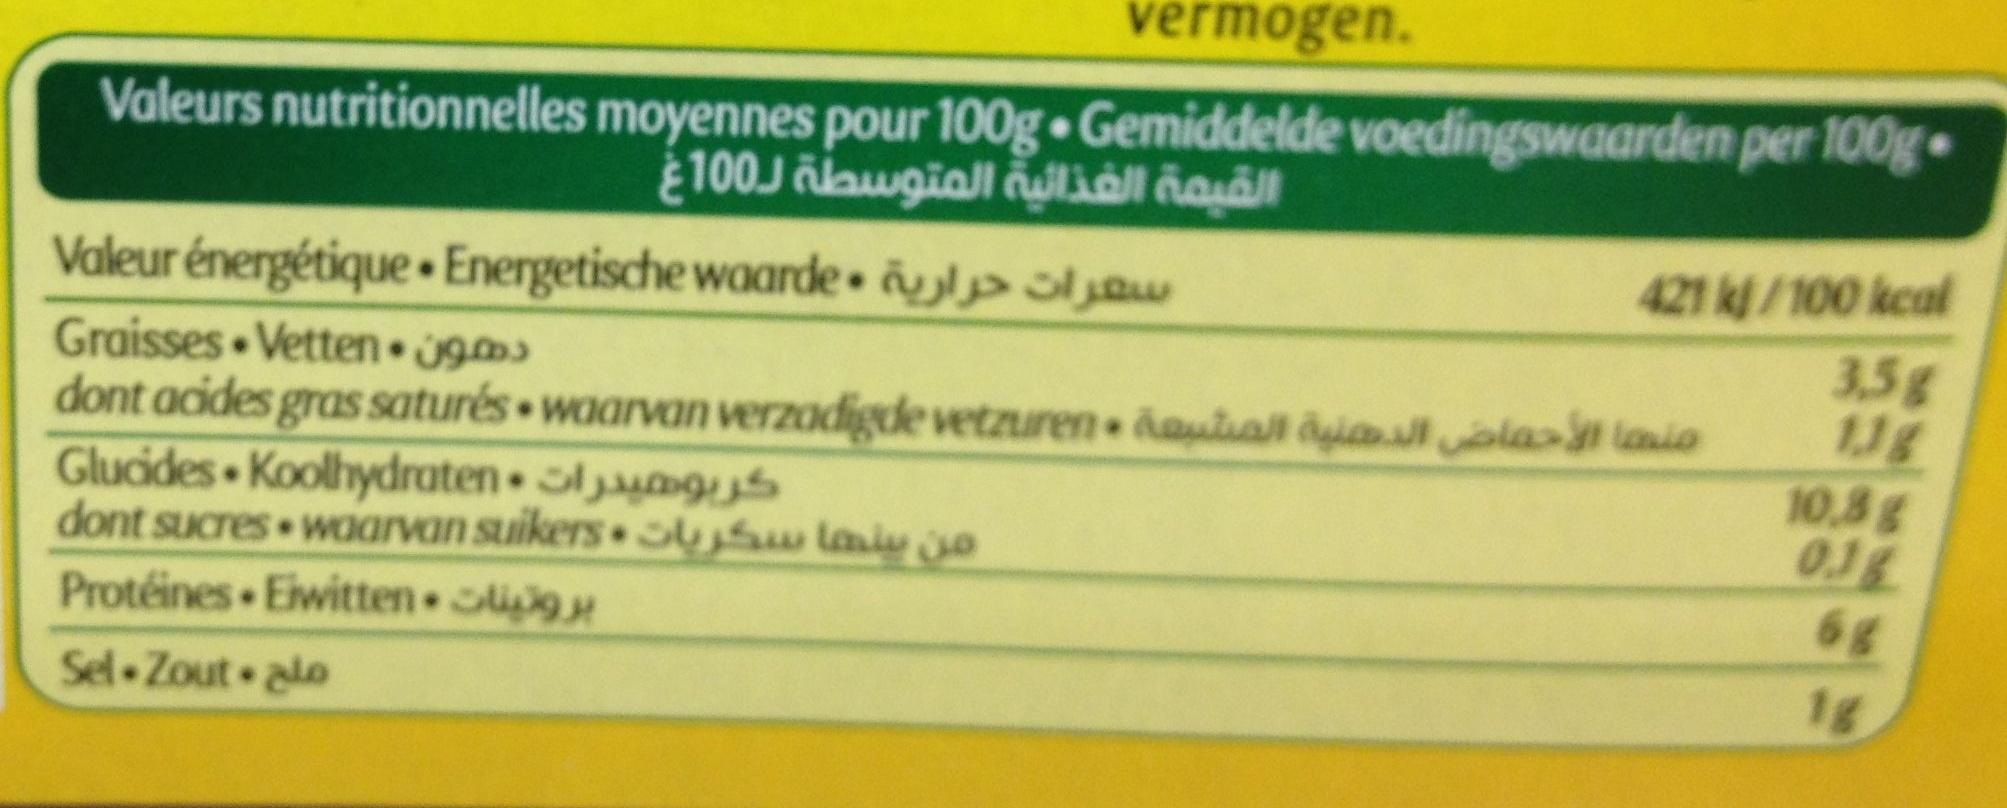 Curry de Volaille riz basmati - Halal - Informations nutritionnelles - fr